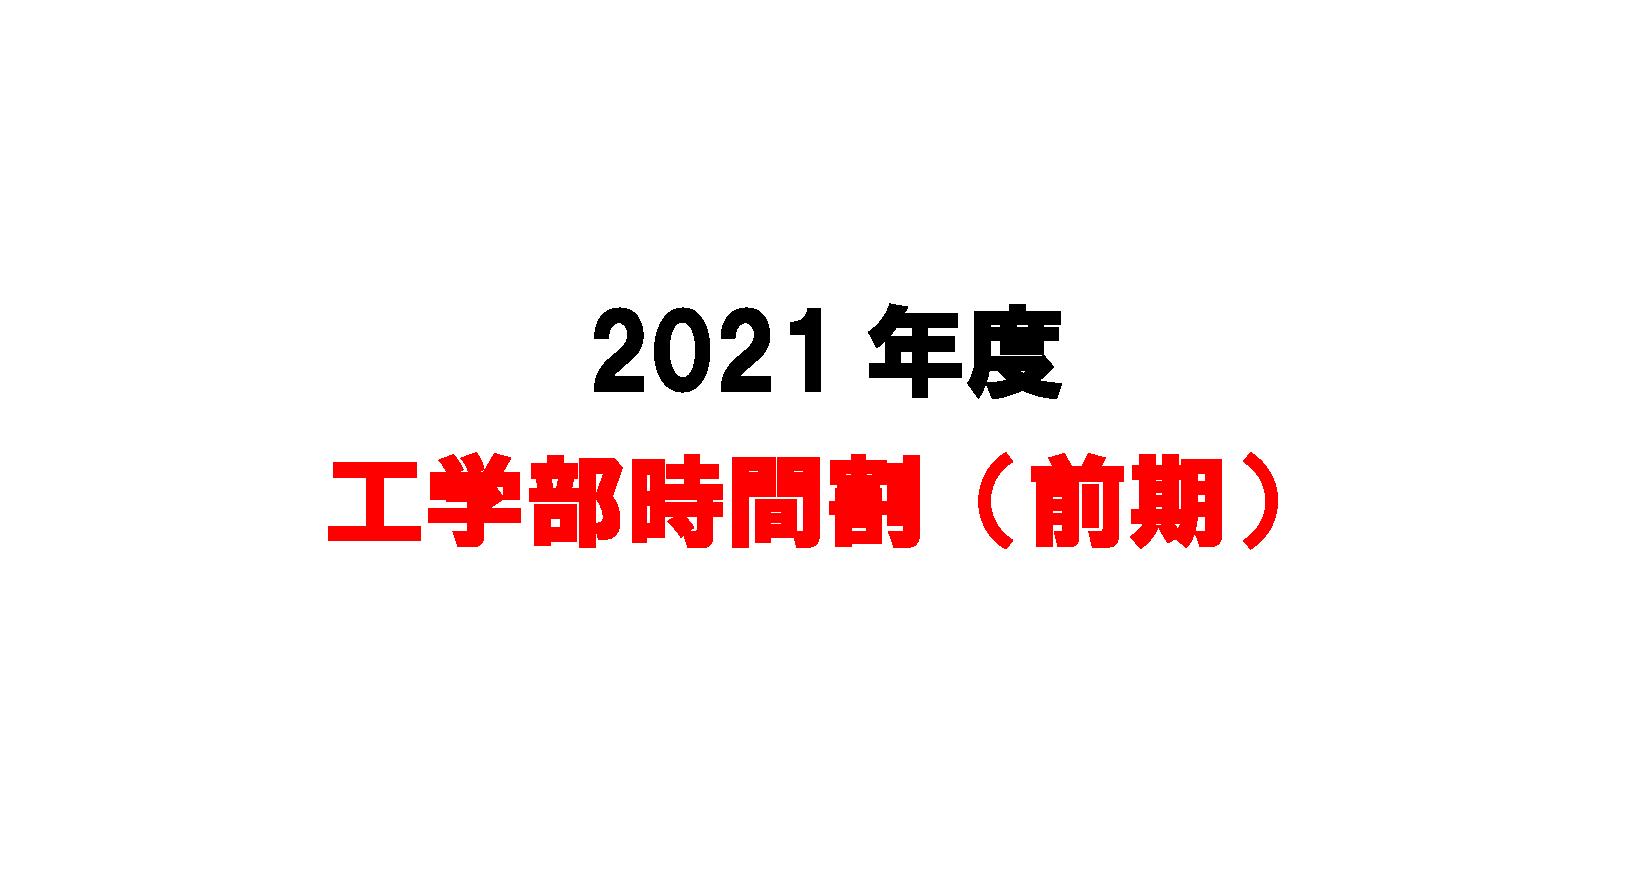 2021年度 工学部時間割(前期)を掲載します(R3.3.26)